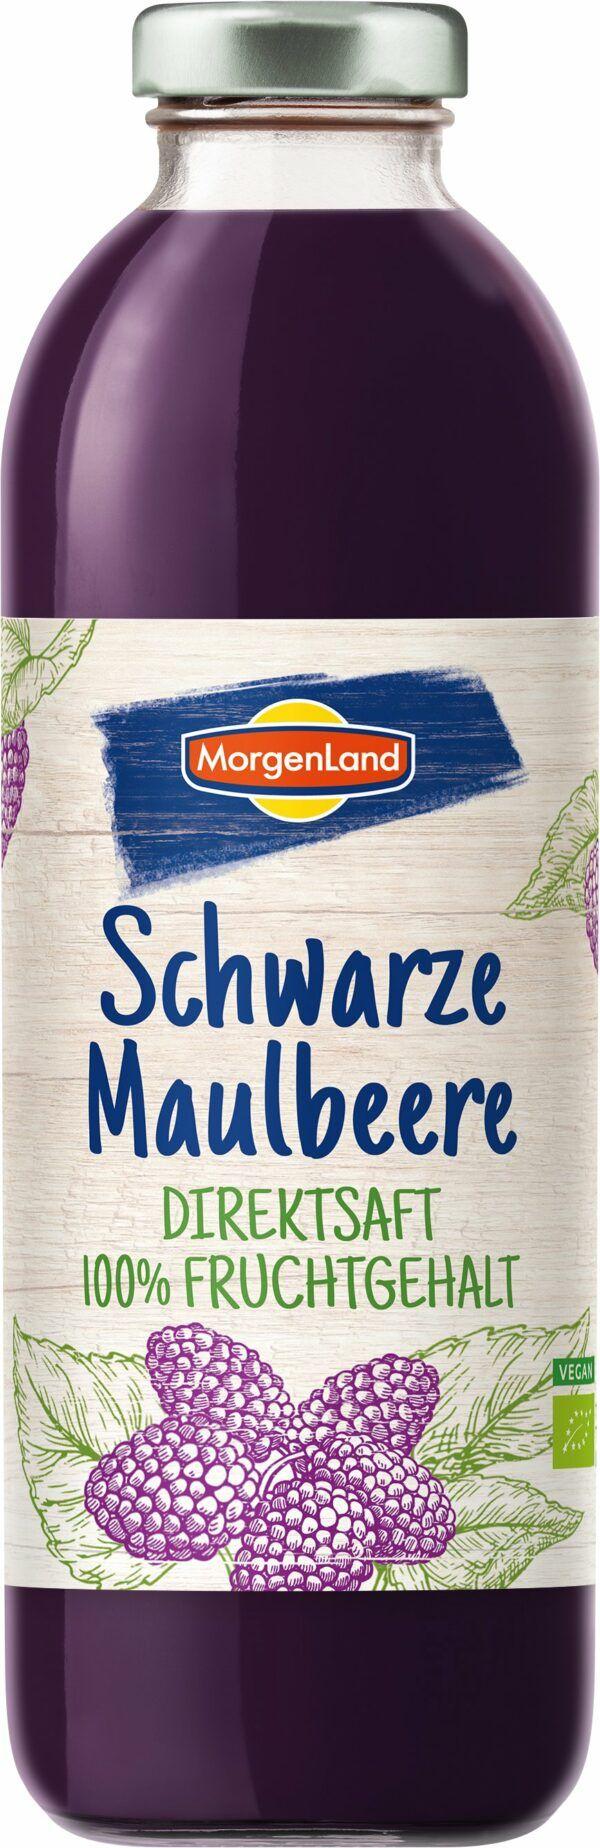 MorgenLand Schwarze Maulbeere-Direktsaft 6x0,7l